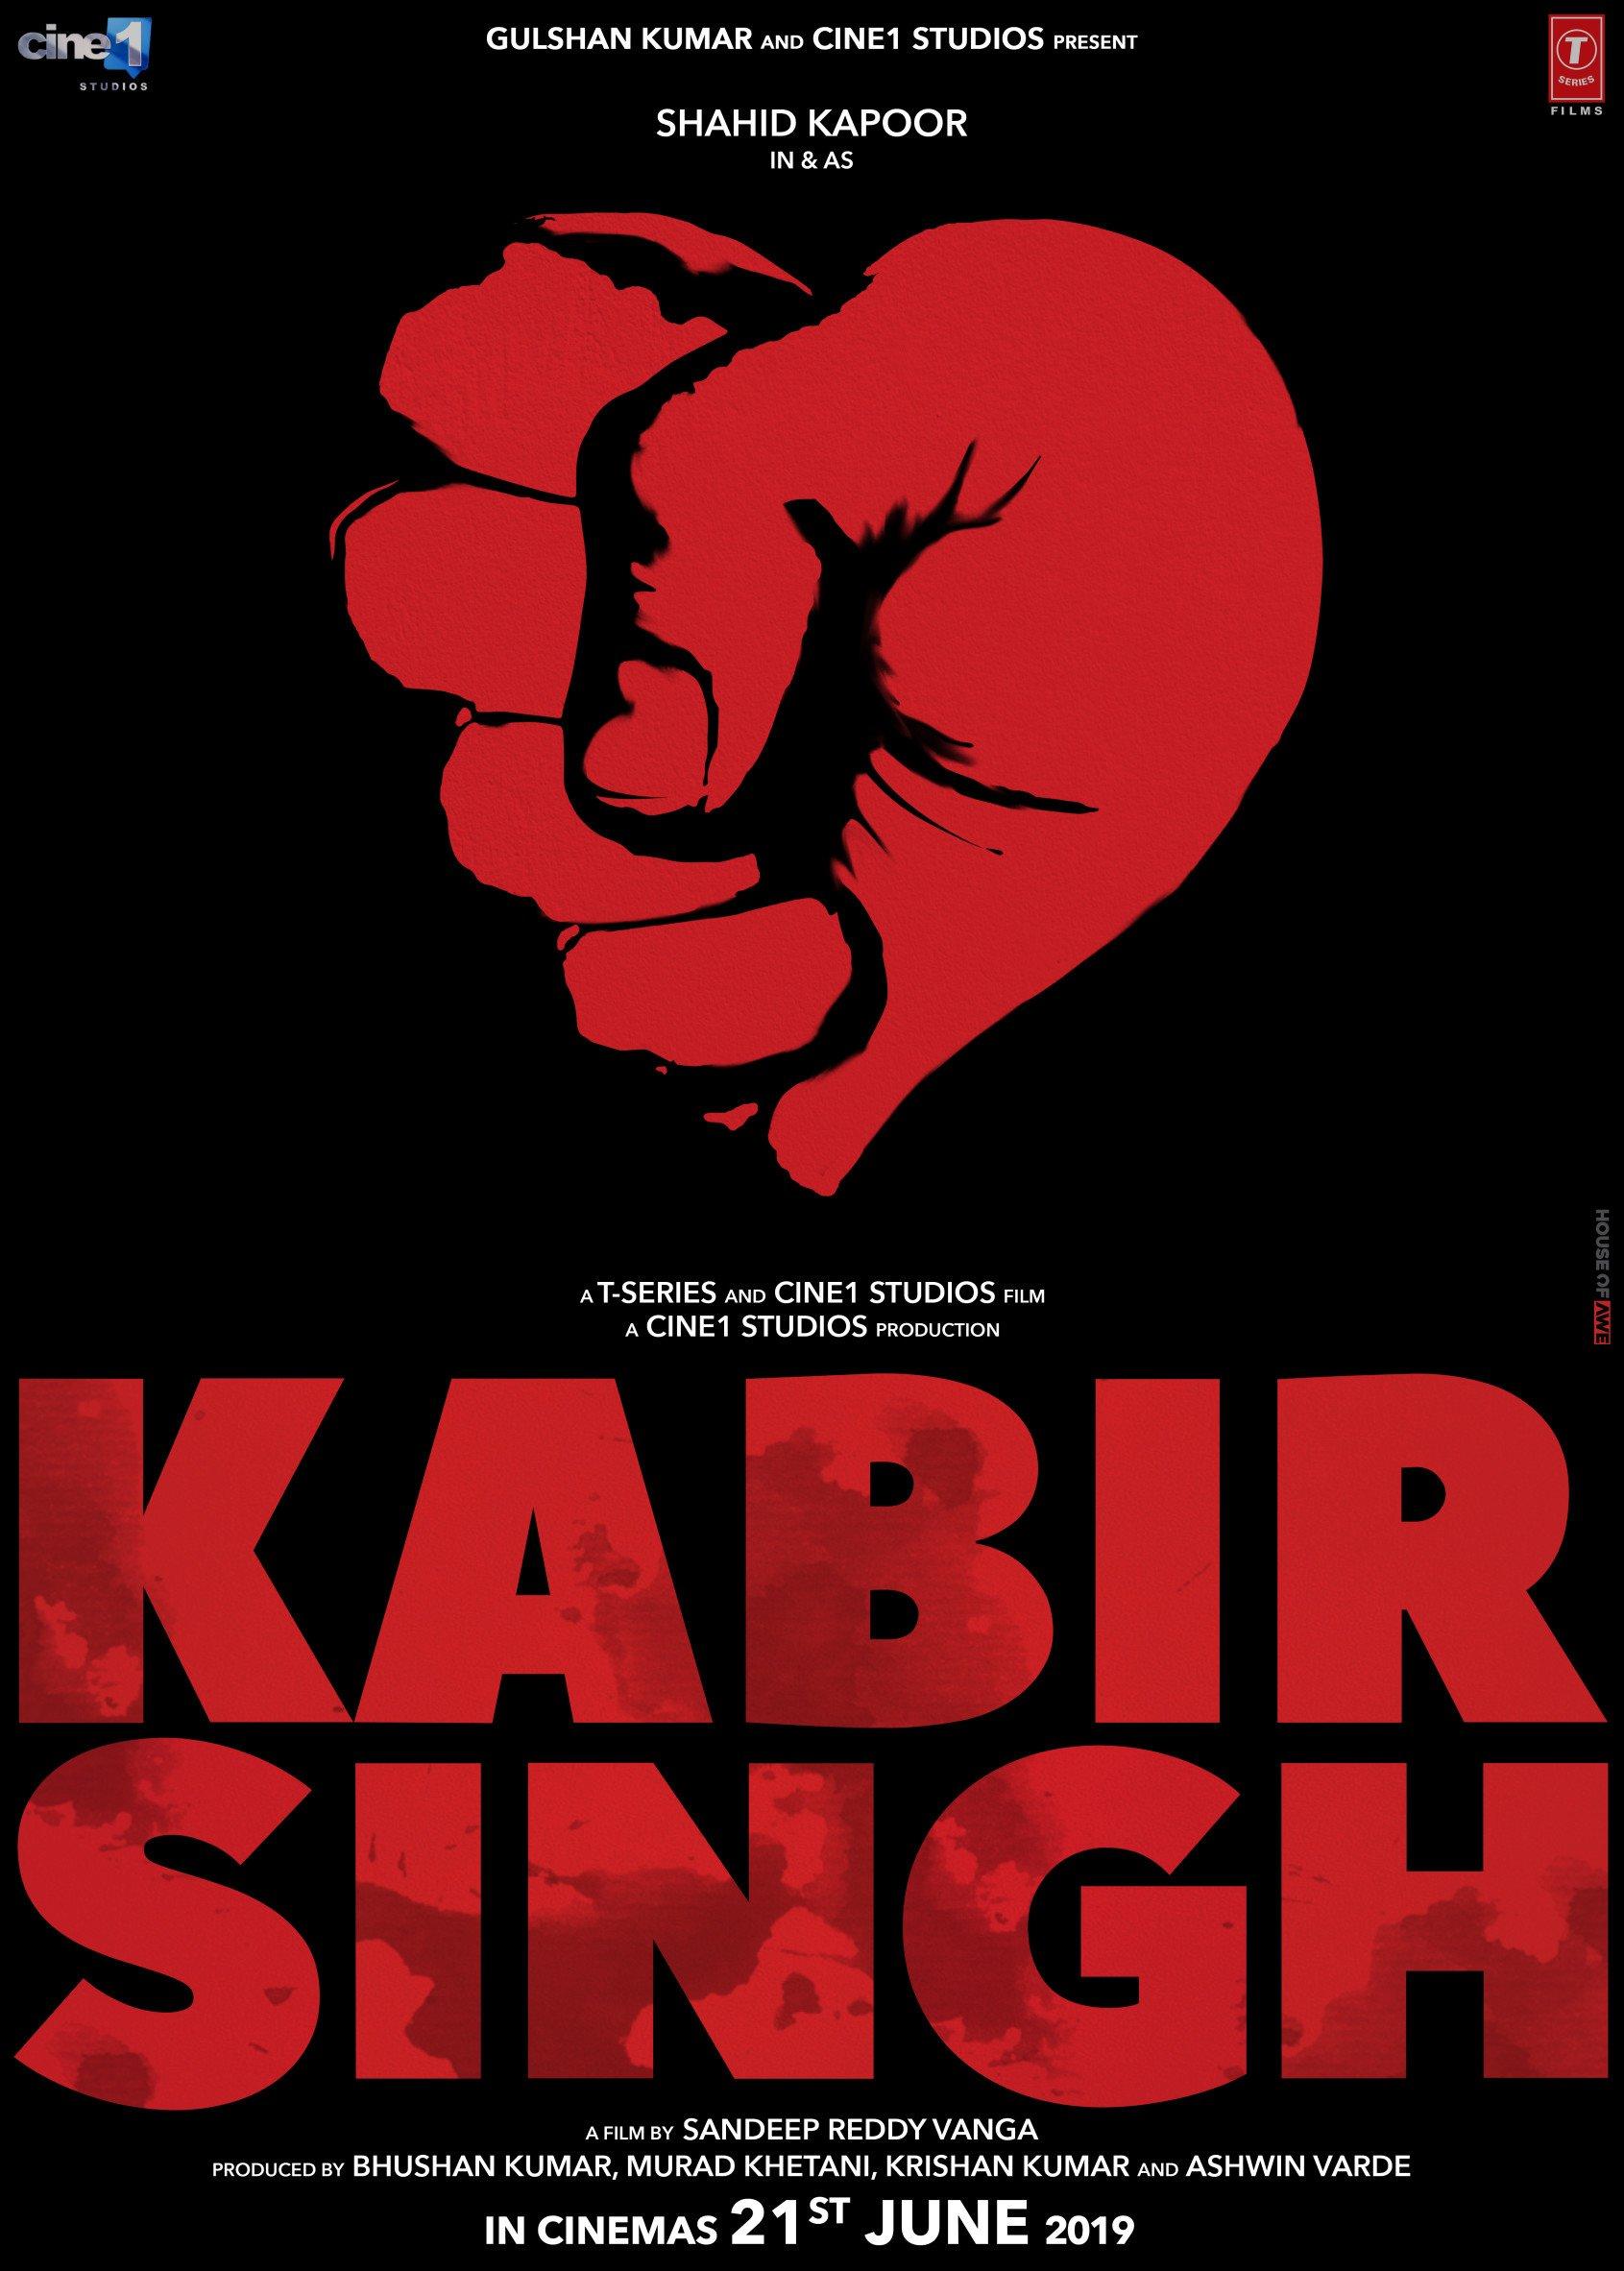 The Hindi remake of Arjun Reddy starring Shahid Kapoor is titled as 'Kabir Singh'